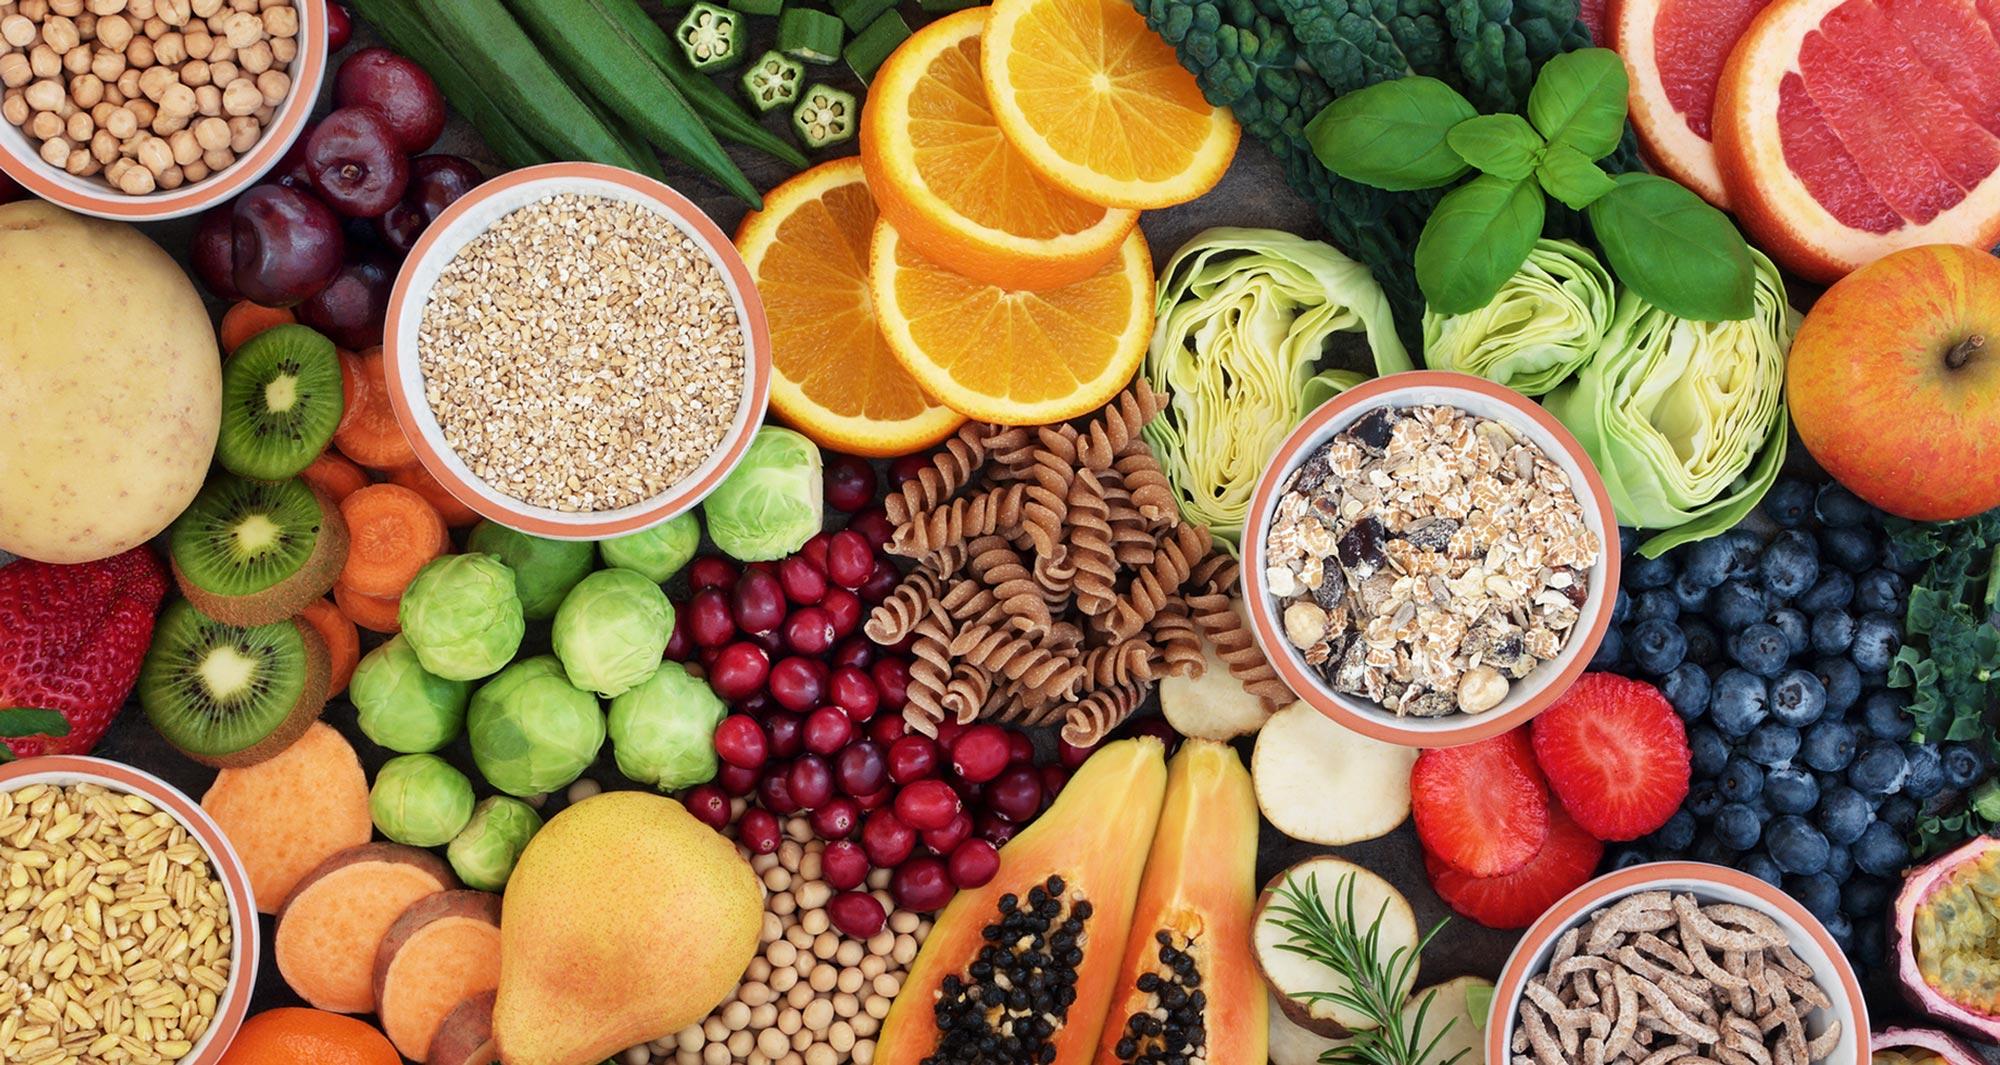 Giornata Mondiale della Salute, la salute va servita in tavola